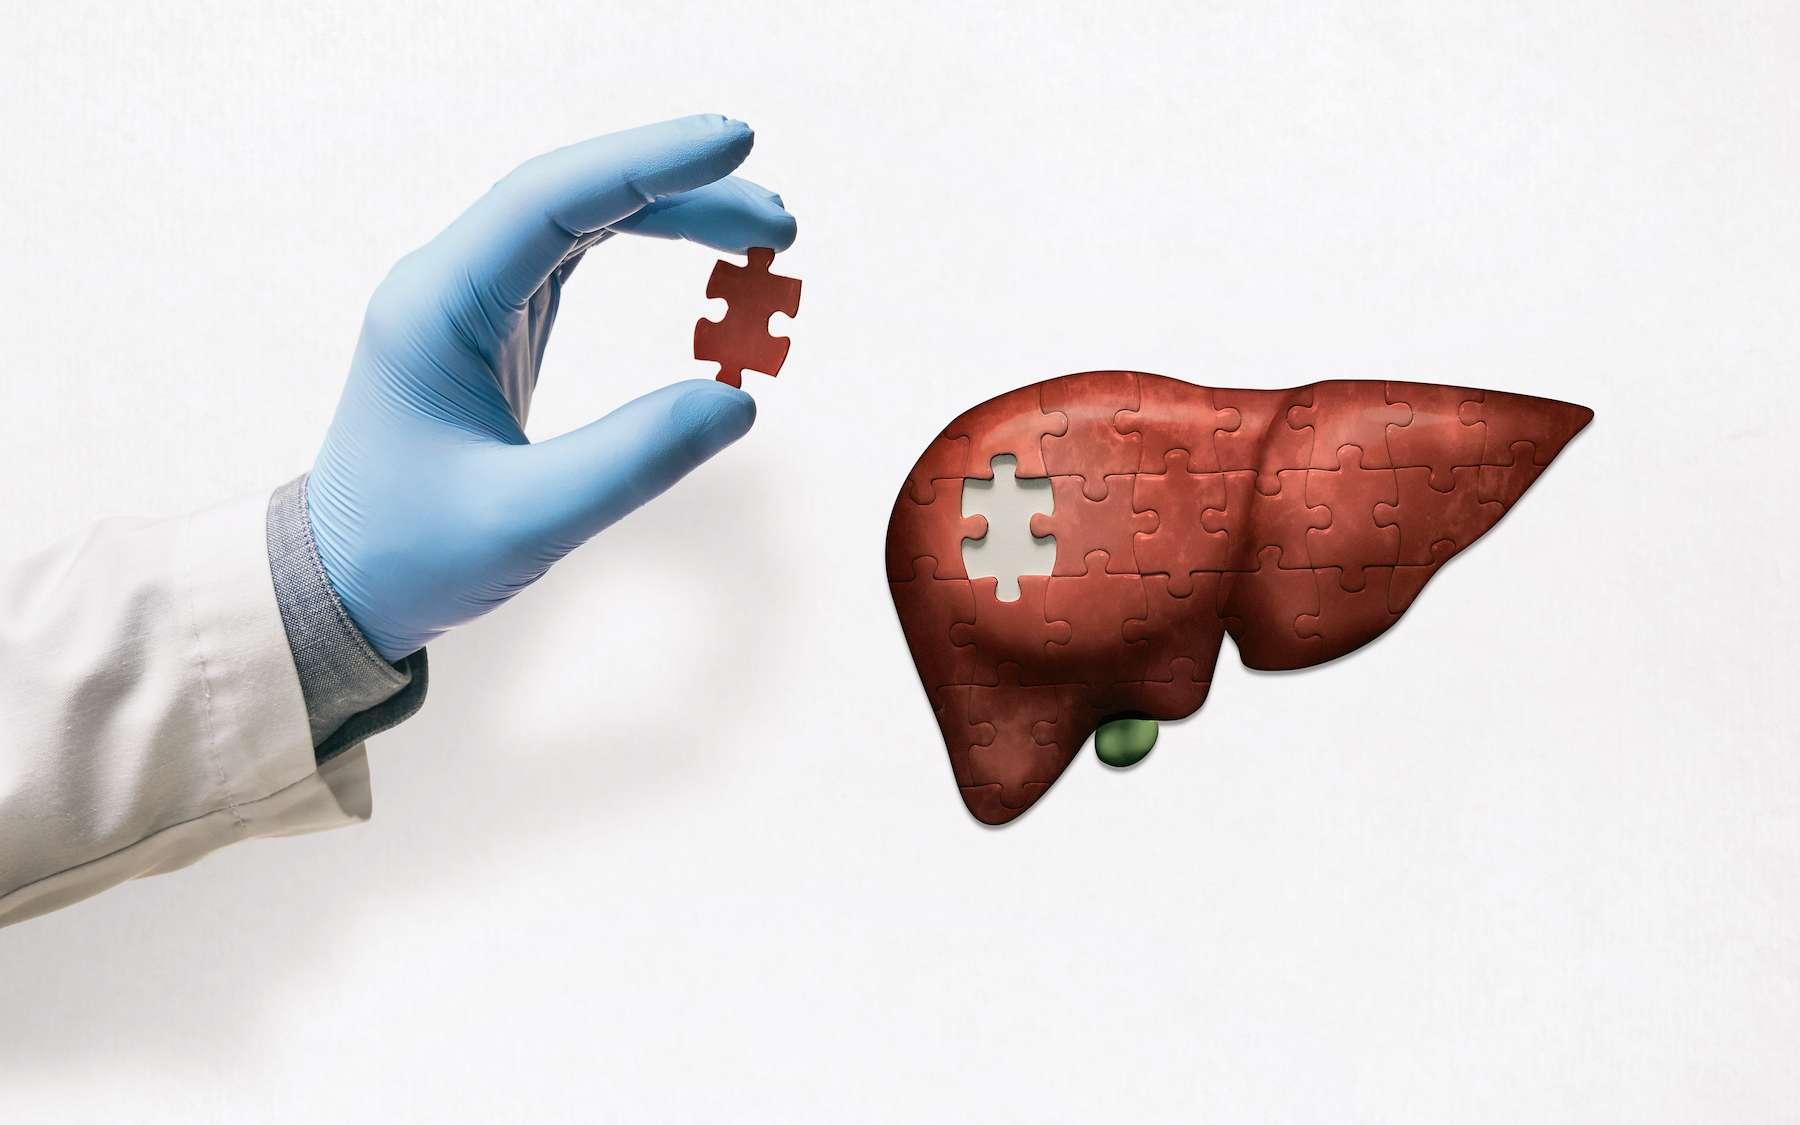 Des protéines fabriquées par le foie s'accumulent en plaques amyloïdes dans le cerveau. © svetazi, Adobe Stock